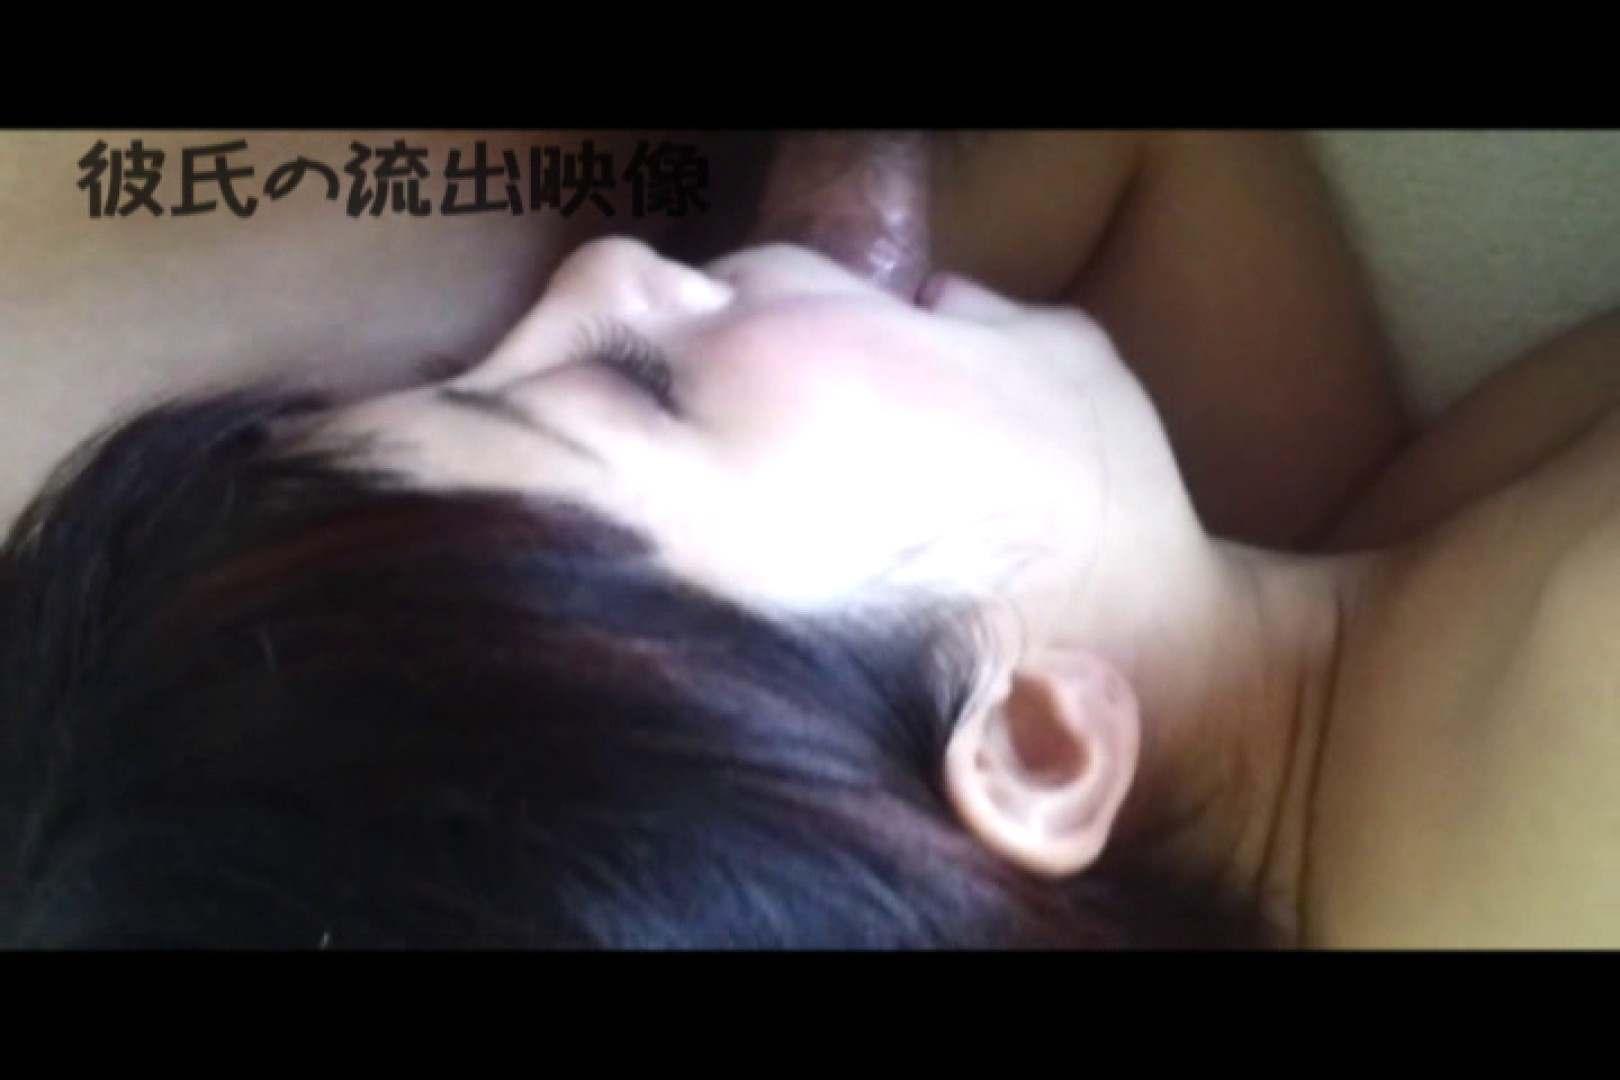 彼氏が流出 パイパン素人嬢のハメ撮り映像03 カップル | 可愛いパイパン  92pic 85